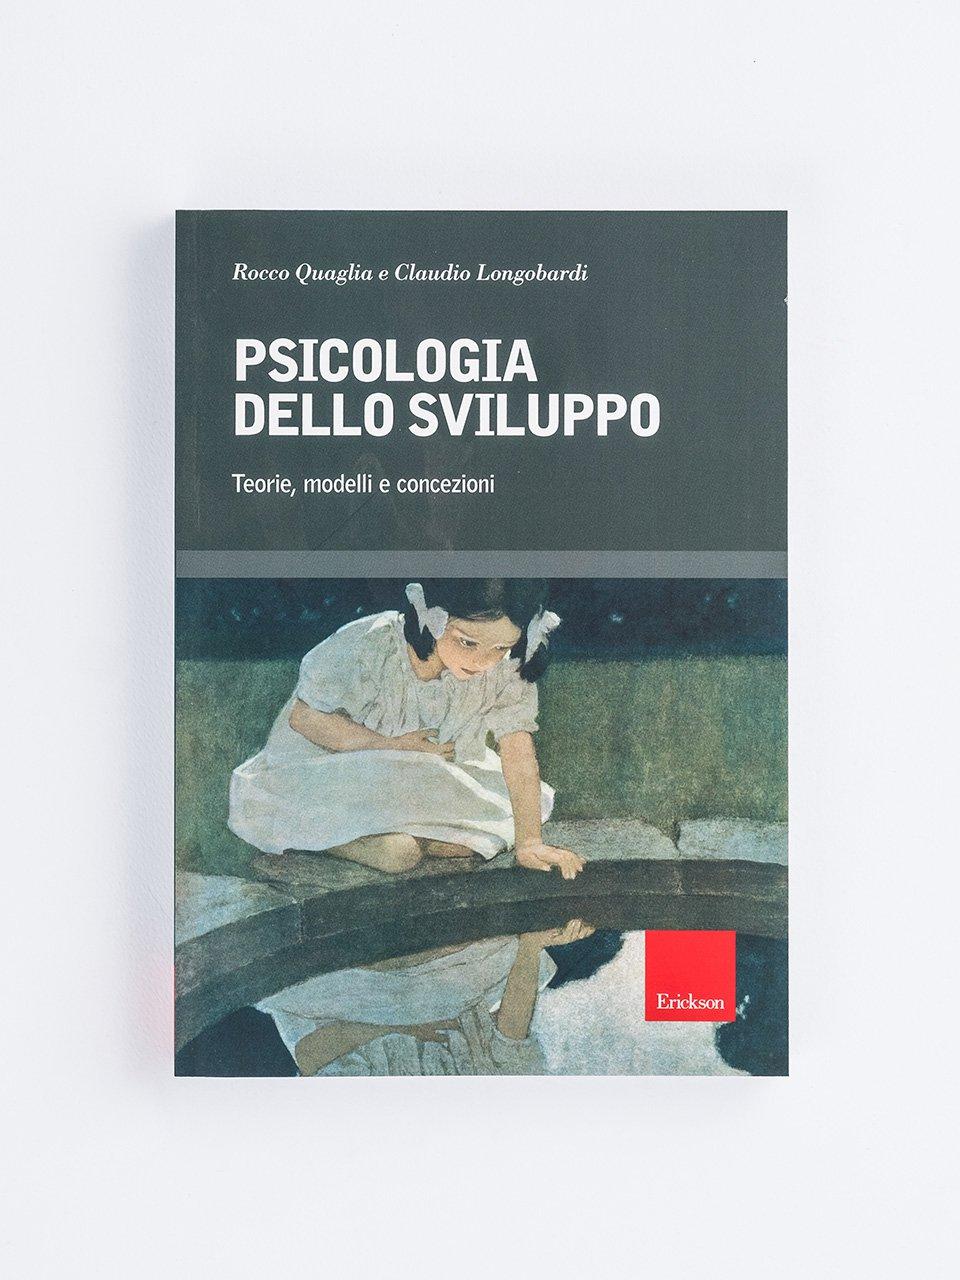 Psicologia dello sviluppo - Apprendimento di altre discipline - Erickson